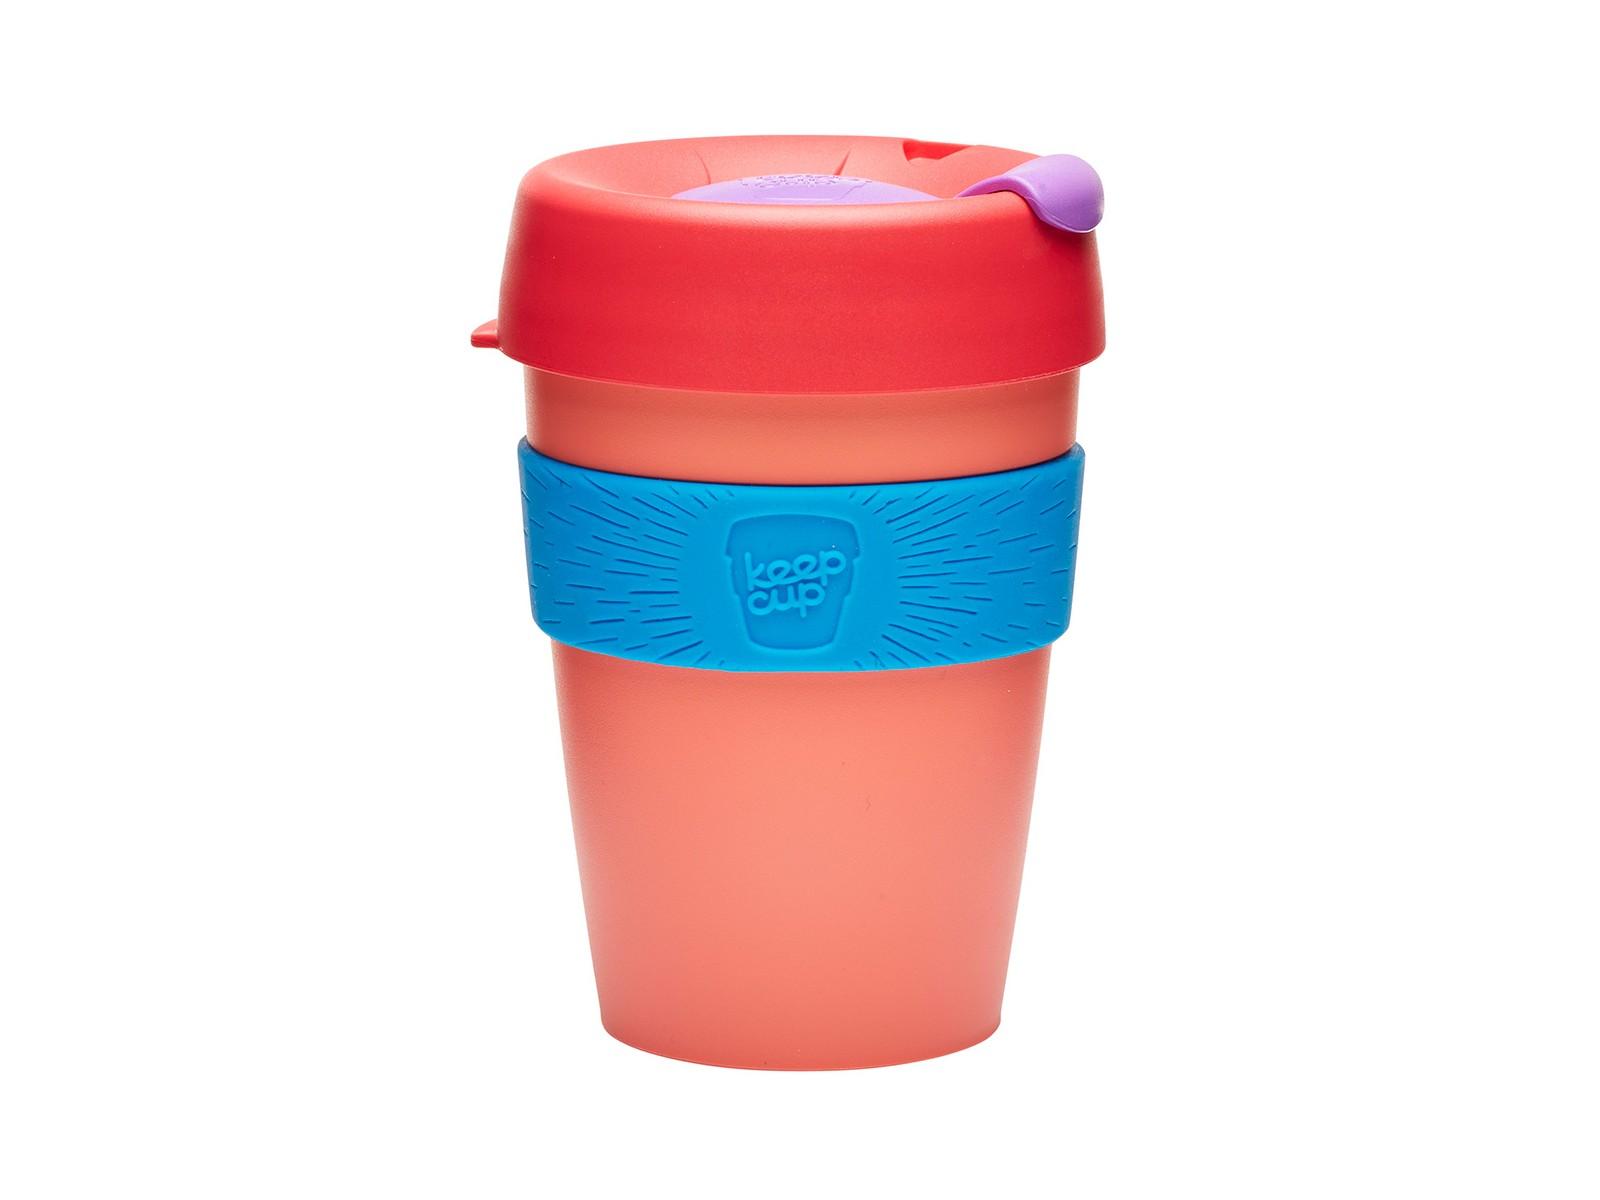 Кружка Keepcup tea roseЧайные пары и чашки<br>Кружка, созданная с мыслями о вас и о планете. Главная идея KeepCup – вдохновить любителей кофе отказаться от использования одноразовых бумажных и пластиковых стаканов, так как их производство и утилизация наносят вред окружающей среде. В год производится и выбрасывается около 500 миллиардов одноразовых стаканчиков, а ведь планета у нас всего одна! <br>Но главный плюс кружки  – привлекательный и яркий дизайн, который станет отражением вашего личного стиля. Берите ее в кафе или наливайте кофе, чай, сок дома, чтобы взять с собой - пить вкусные напитки на ходу, на работе или на пикнике. Специальная крышка с открывающимся и закрывающимся клапаном спасет от брызг, силиконовый ободок поможет не обжечься (плюс, удобно держать кружку в руках), а плотная крышка и толстые стенки сохранят напиток теплым в течение 20~30 минут. <br>Кружка сделана из нетоксичного пластика без содержания вредного бисфенола (BPA-free). Можно использовать в микроволновке и мыть в посудомоечной машине.&amp;amp;nbsp;&amp;lt;div&amp;gt;&amp;lt;br&amp;gt;&amp;lt;/div&amp;gt;&amp;lt;div&amp;gt;Объем: 340 мл.&amp;lt;br&amp;gt;&amp;lt;/div&amp;gt;<br><br>Material: Пластик<br>Height см: 13<br>Diameter см: 8,8